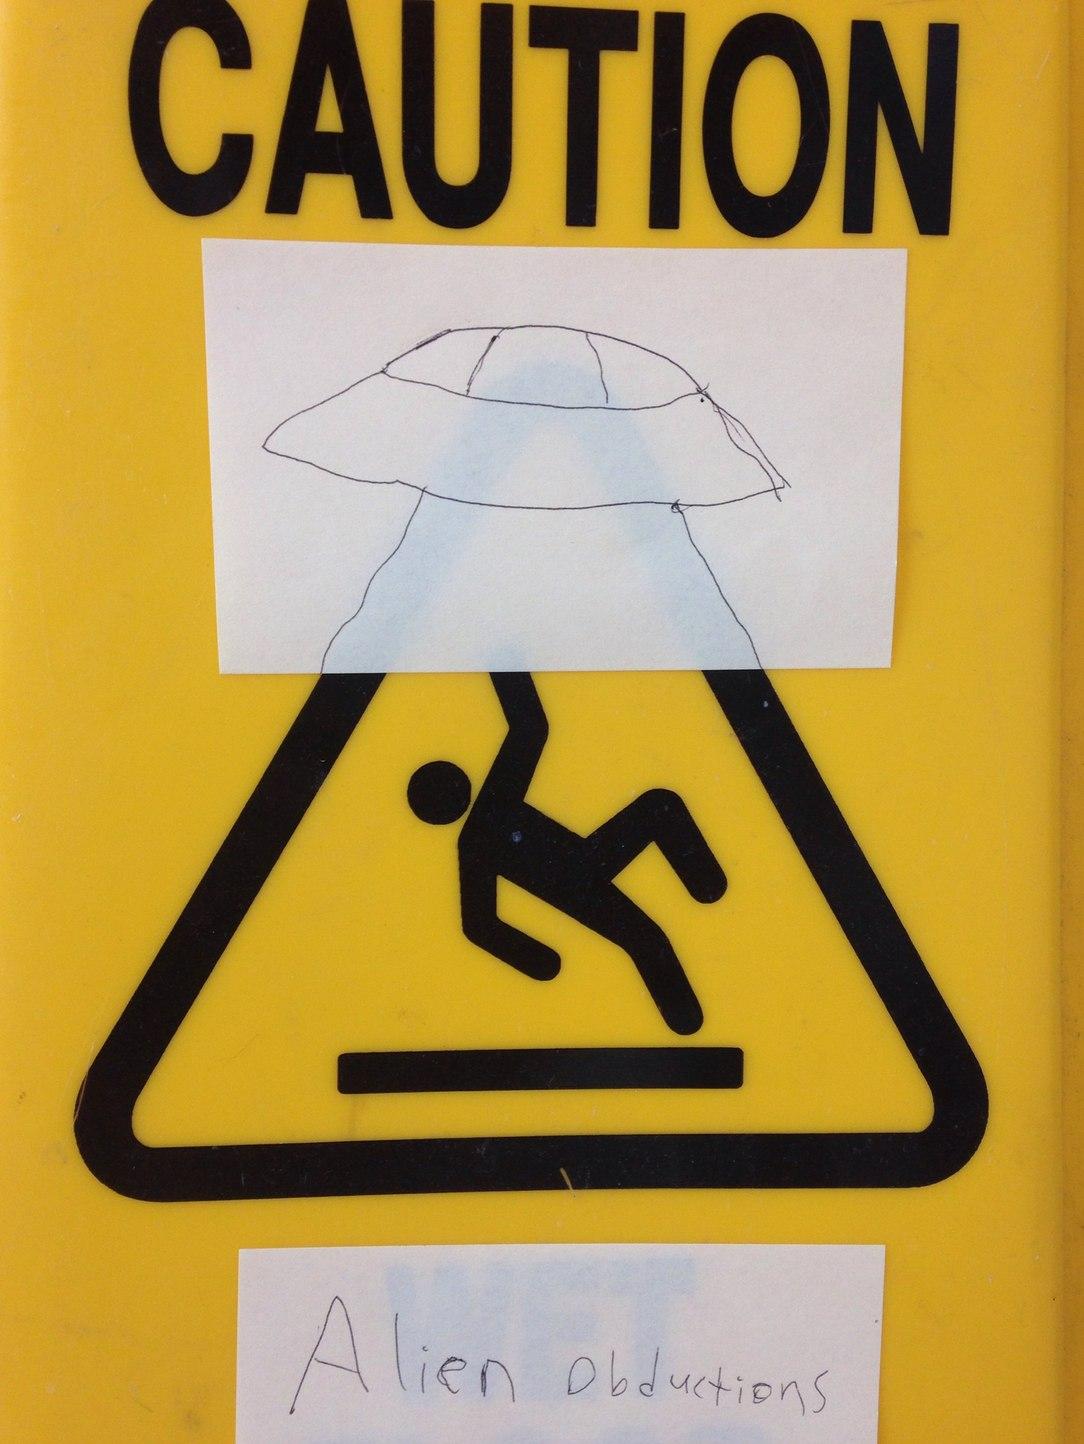 caution, alien obduction - meme